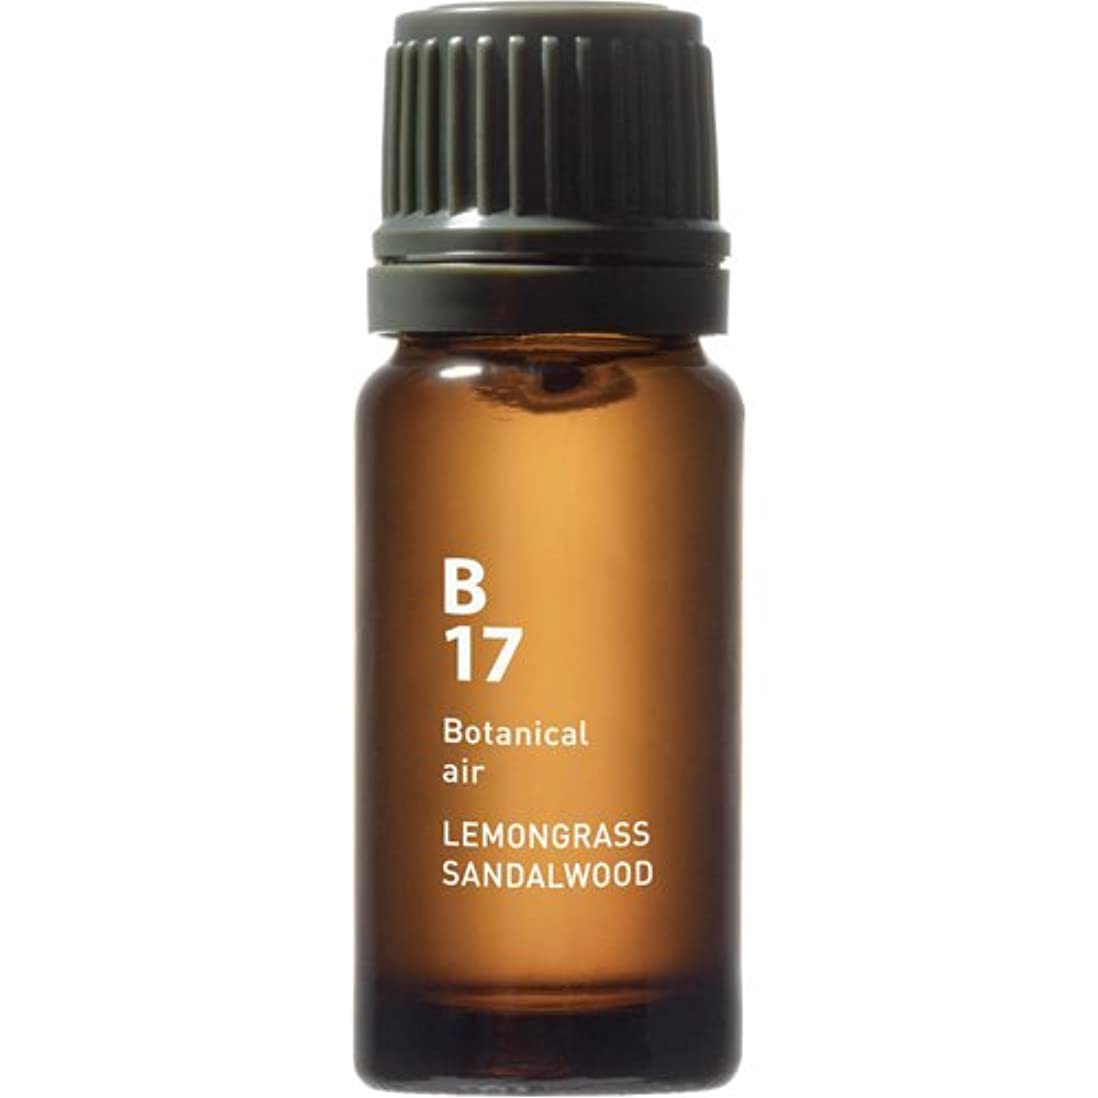 ファイナンスしばしばクリケットB17 レモングラスサンダルウッド Botanical air(ボタニカルエアー) 10ml